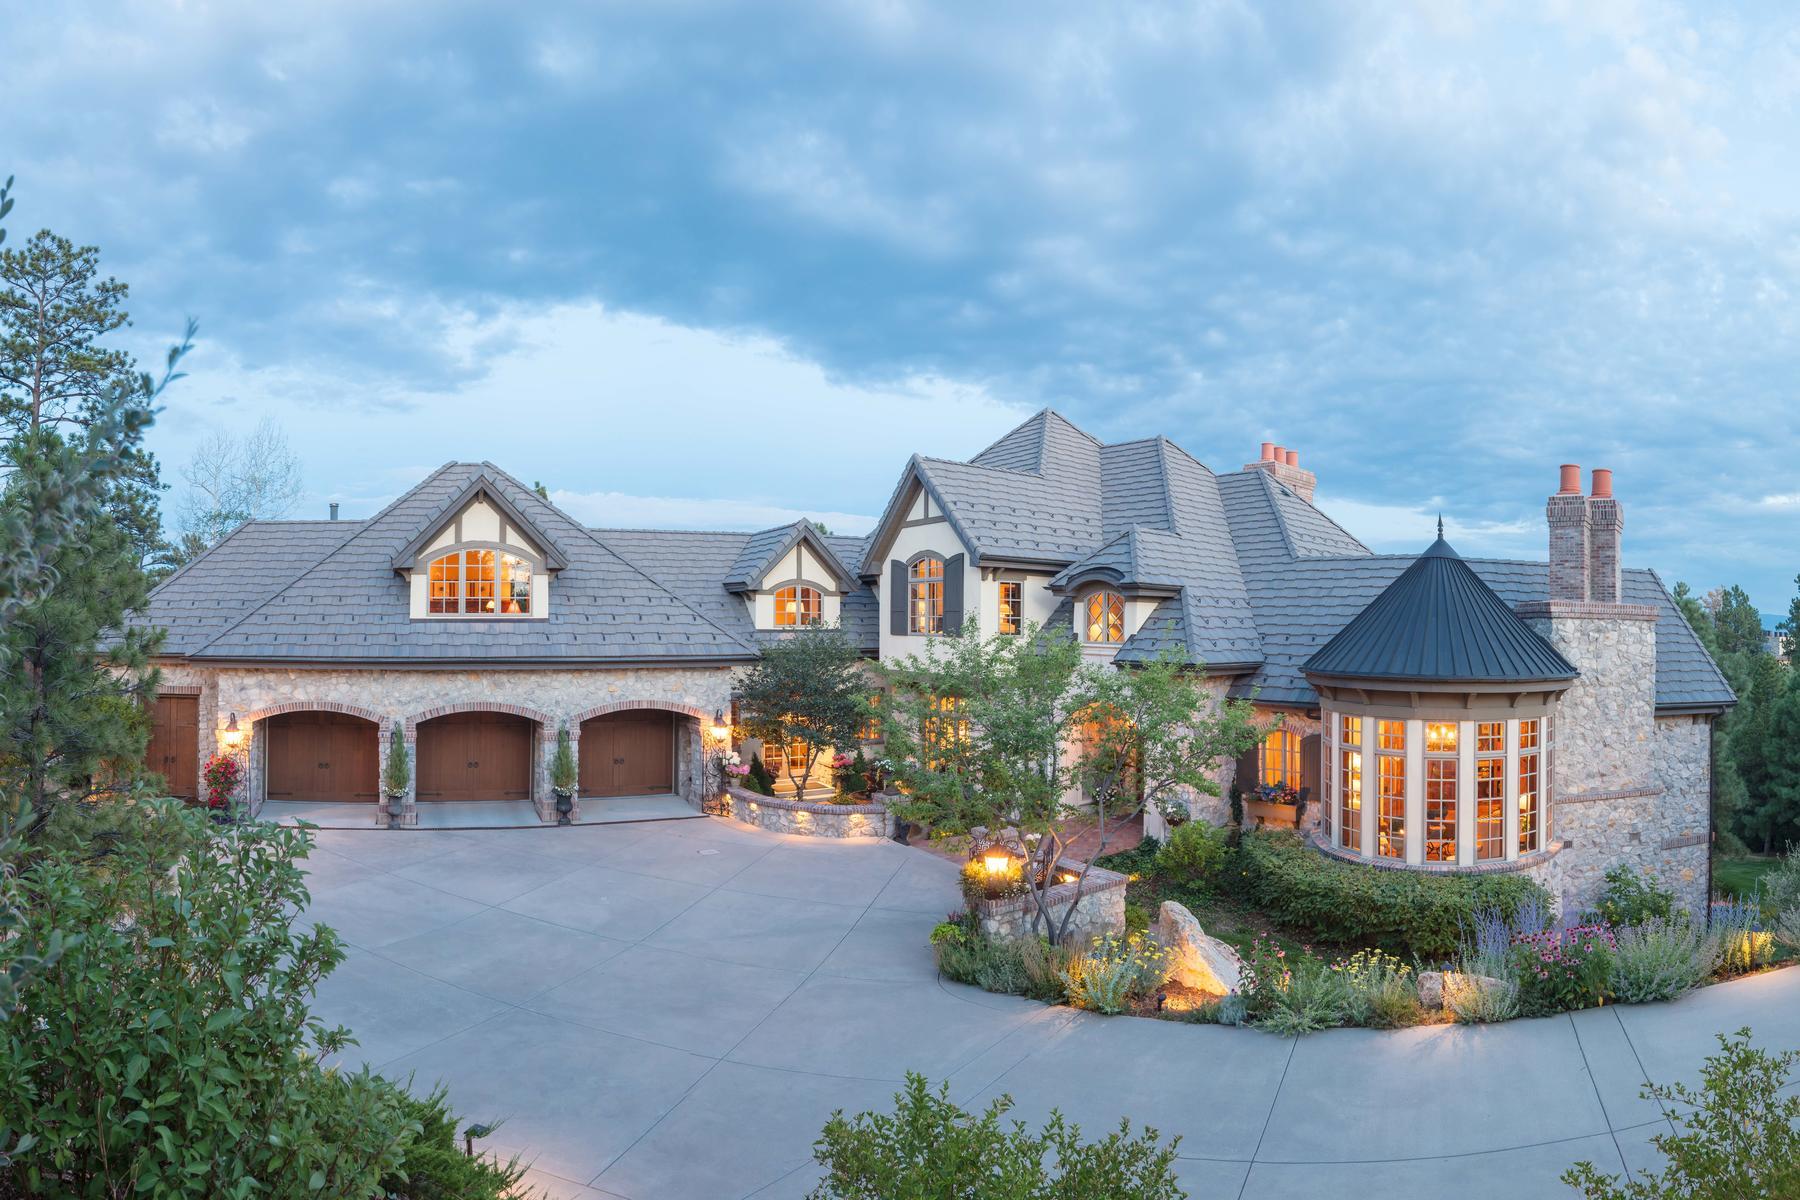 Casa Unifamiliar por un Venta en 4 Eagle Pointe Lane 4 Eagle Pointe Lane Castle Rock, Colorado 80108 Estados Unidos